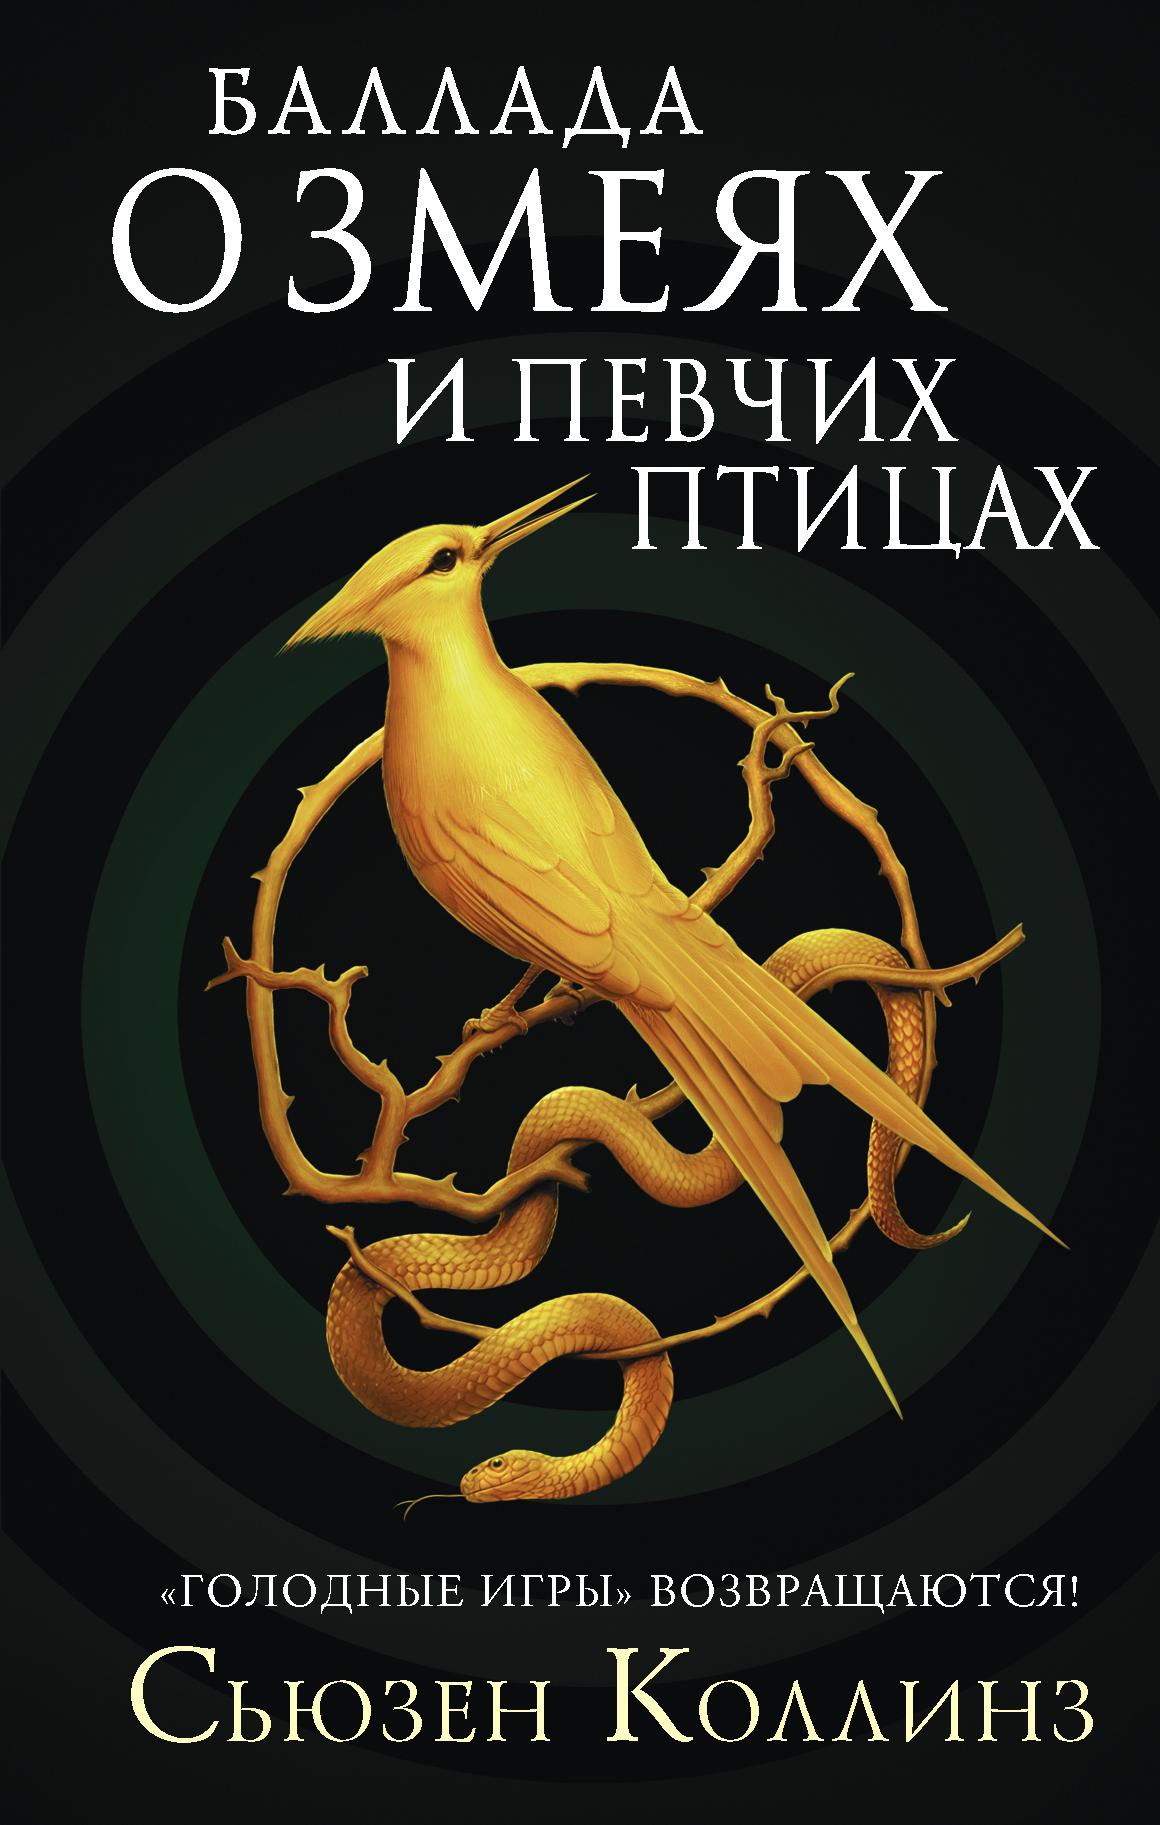 Русскоязычная обложка « Баллады озмеях и певчих птицах» —приквела «Голодных игр» 1